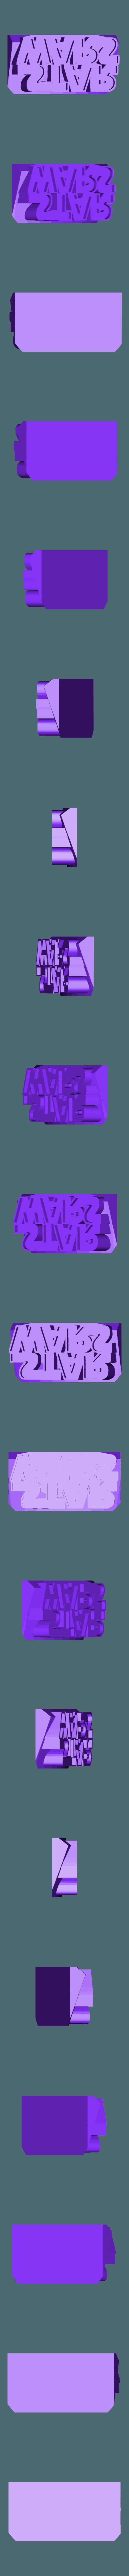 cup_thing_sw_logo.stl Télécharger fichier STL gratuit Stand de figurines de la coupe de cinéma Star Wars • Design pour imprimante 3D, kromerprops